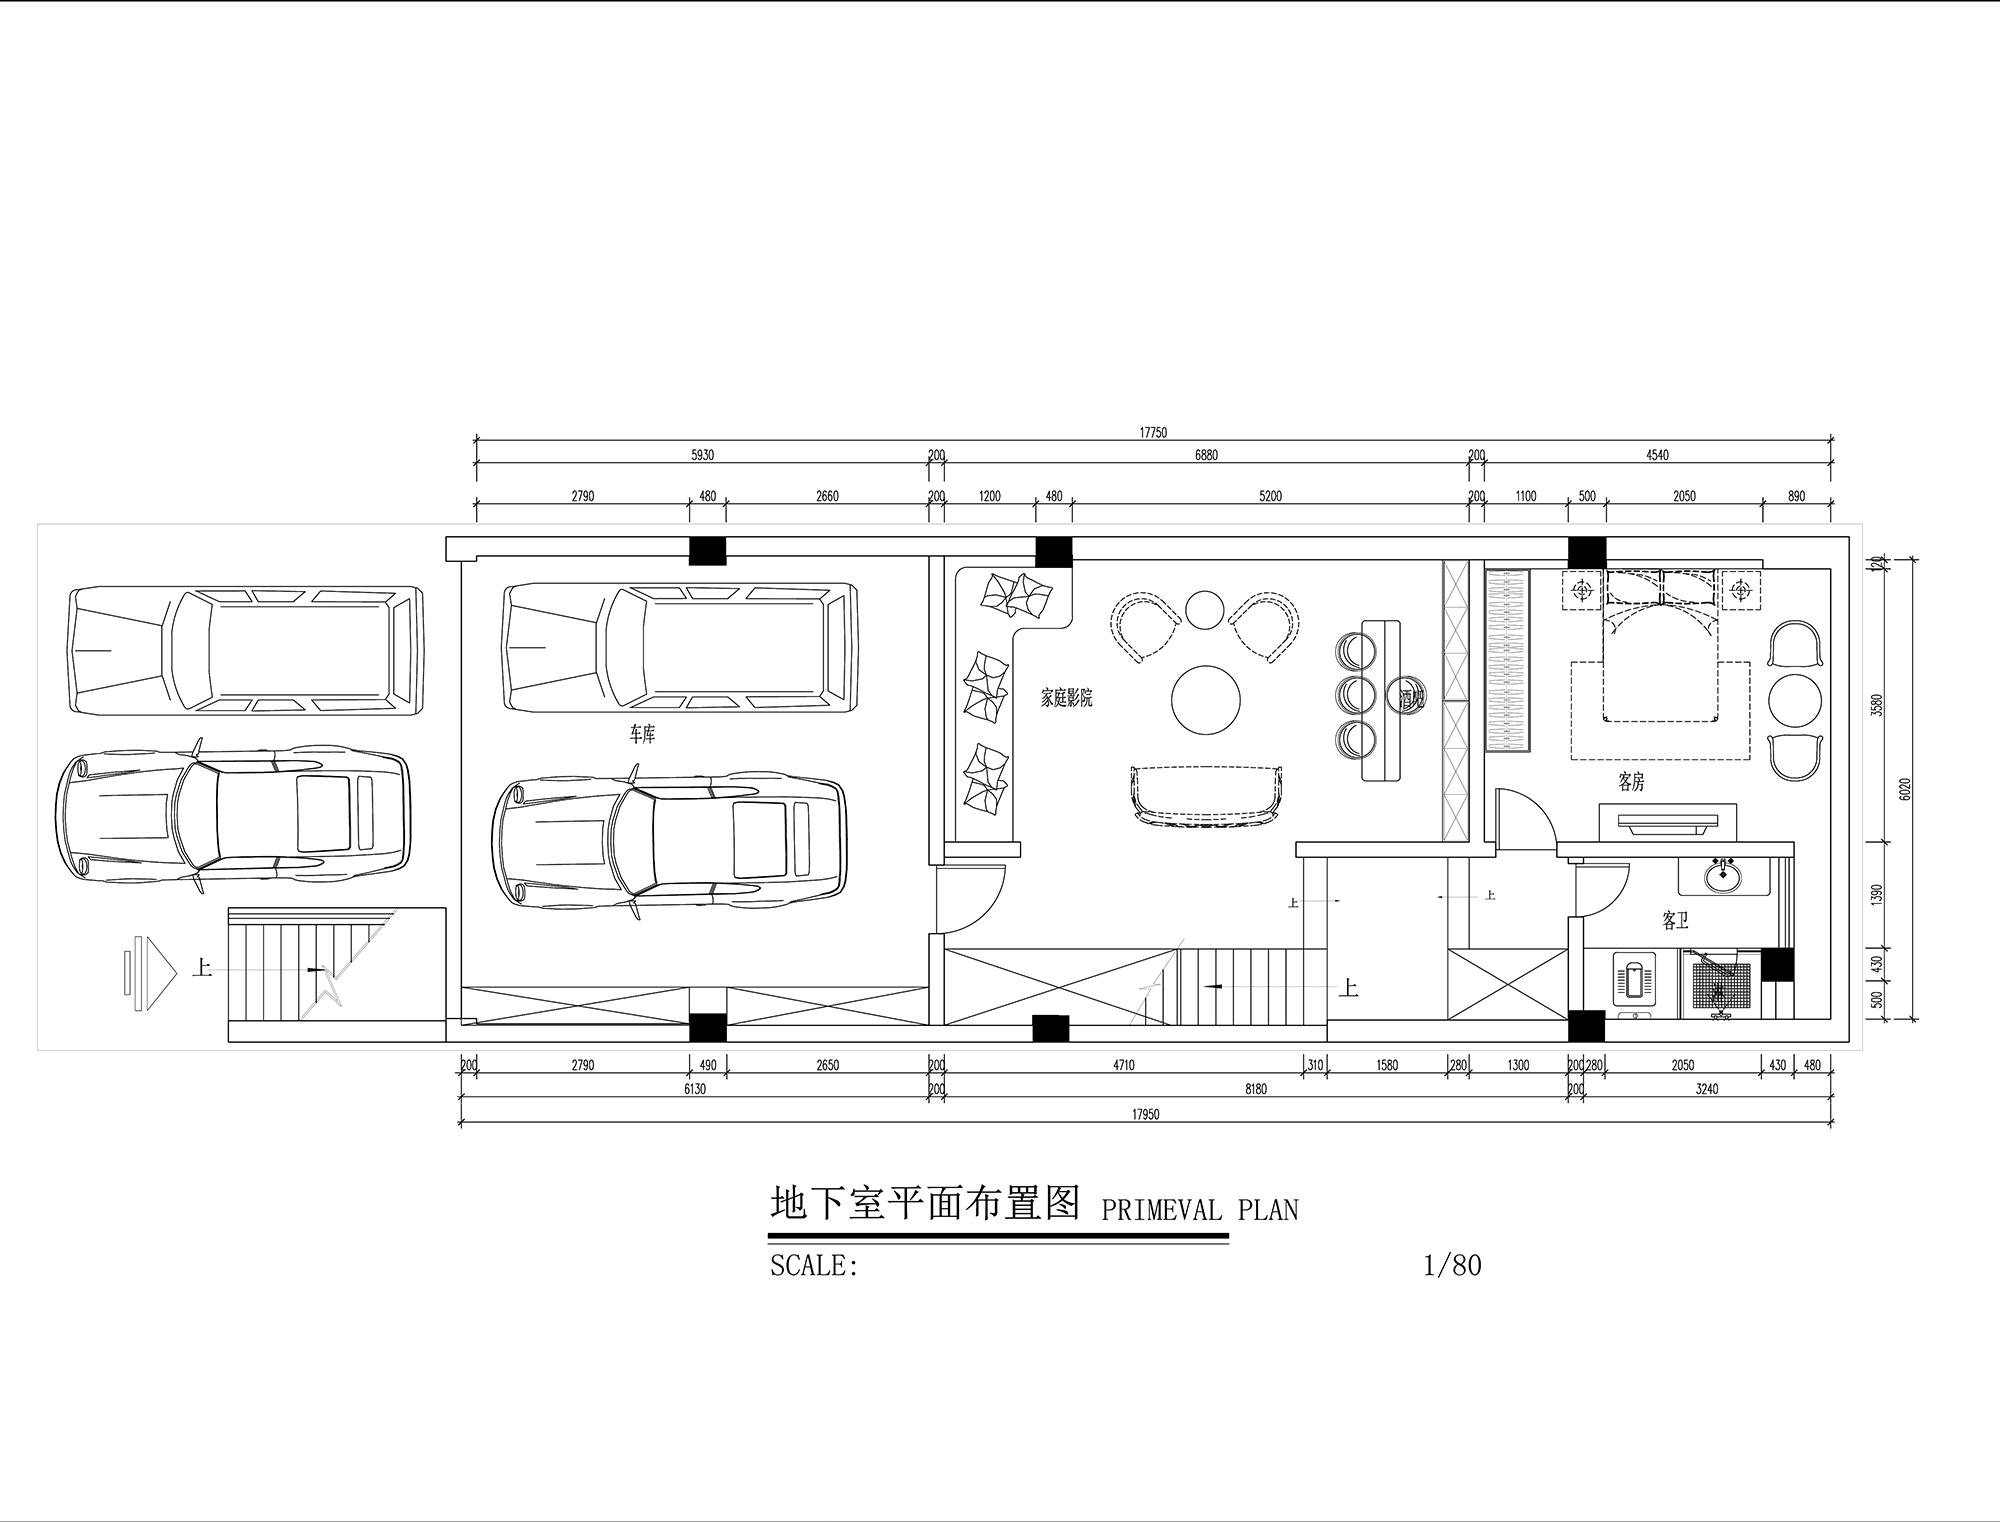 昆明安宁众和东苑联排别墅 380平米美式设计风格效果图装修设计理念